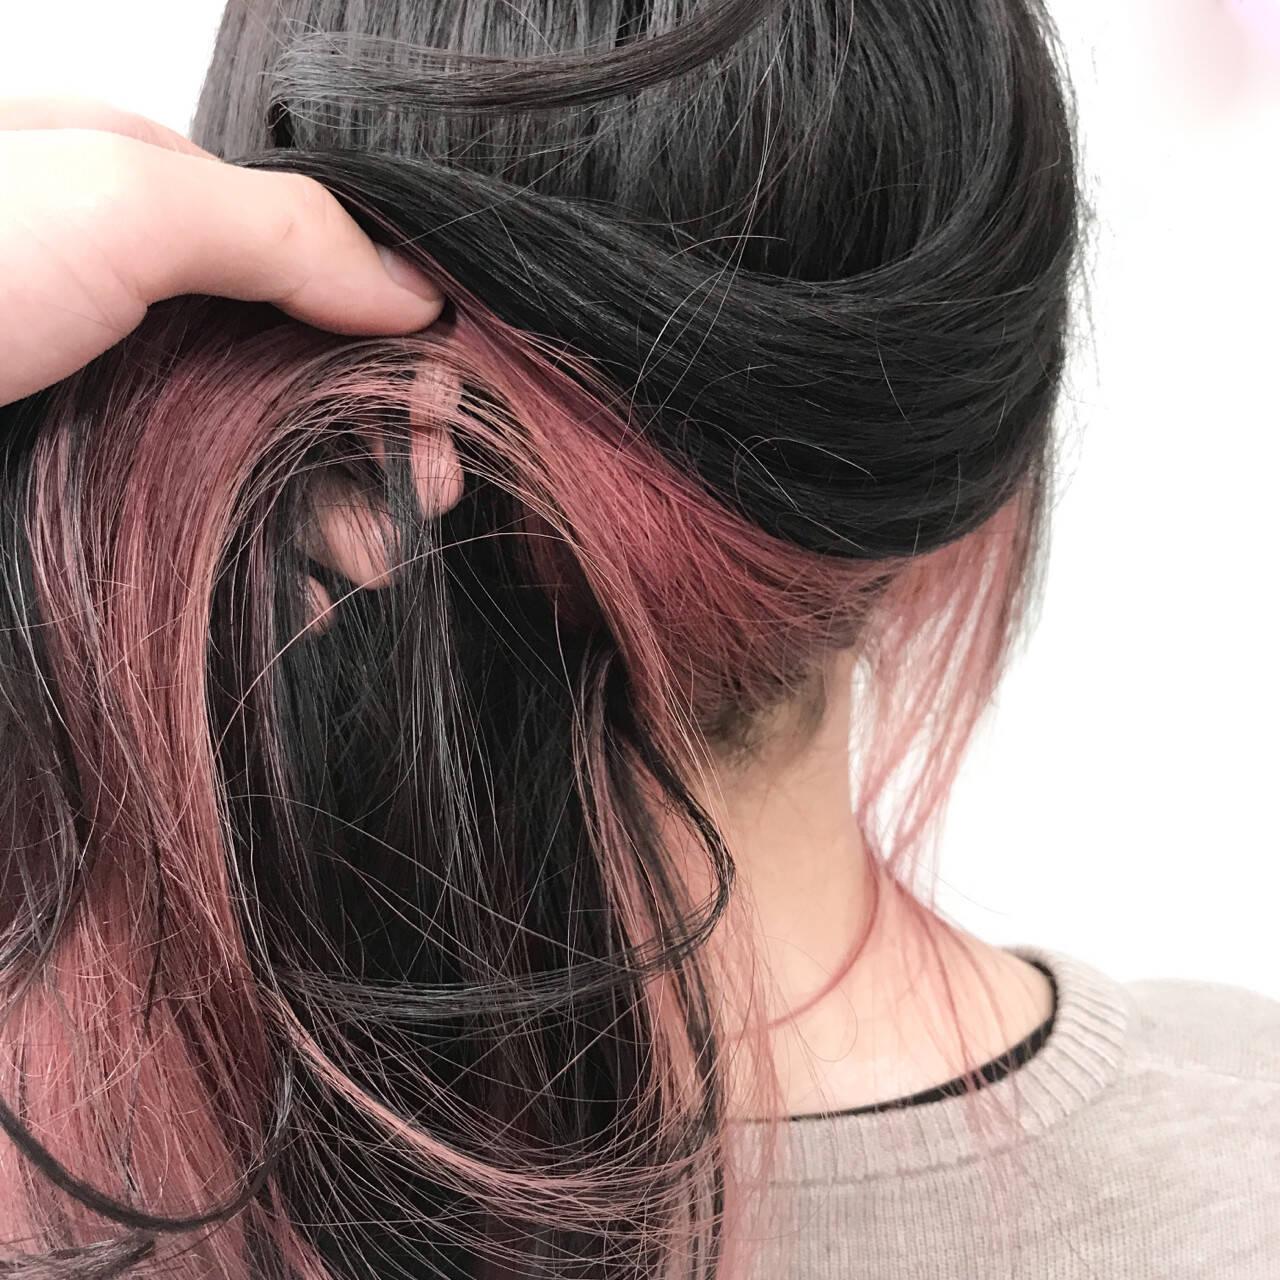 セミロング インナーカラー ピンク ストリートヘアスタイルや髪型の写真・画像